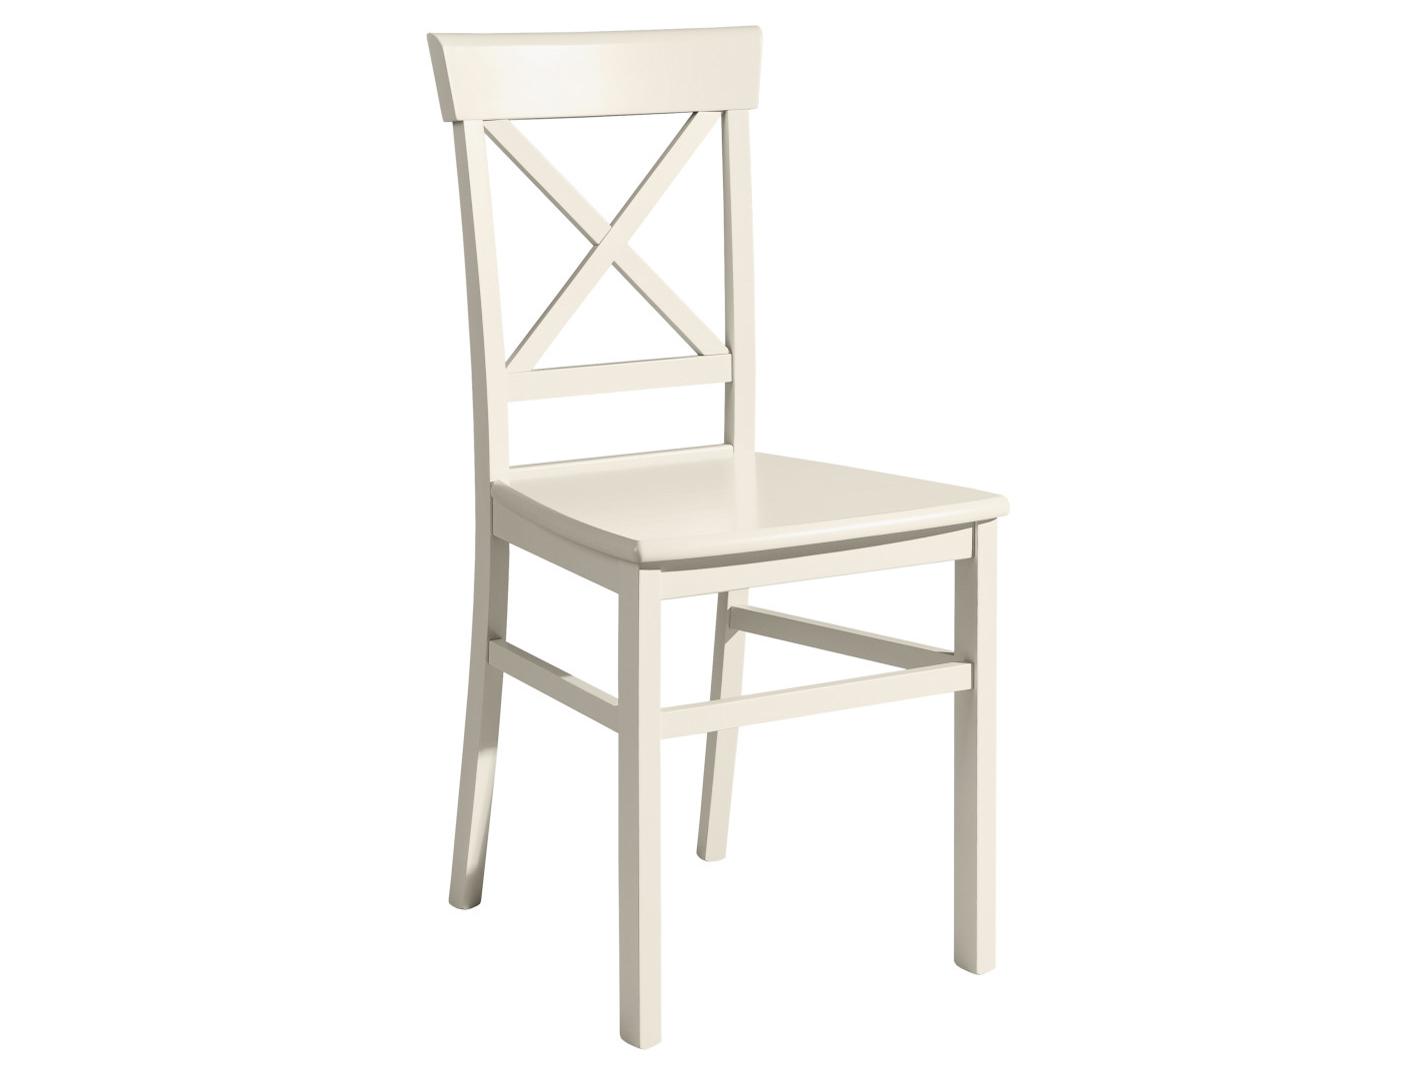 8d0cabe5e7f8 Jedálenská stolička - Decodom - Tatra (vanilka)